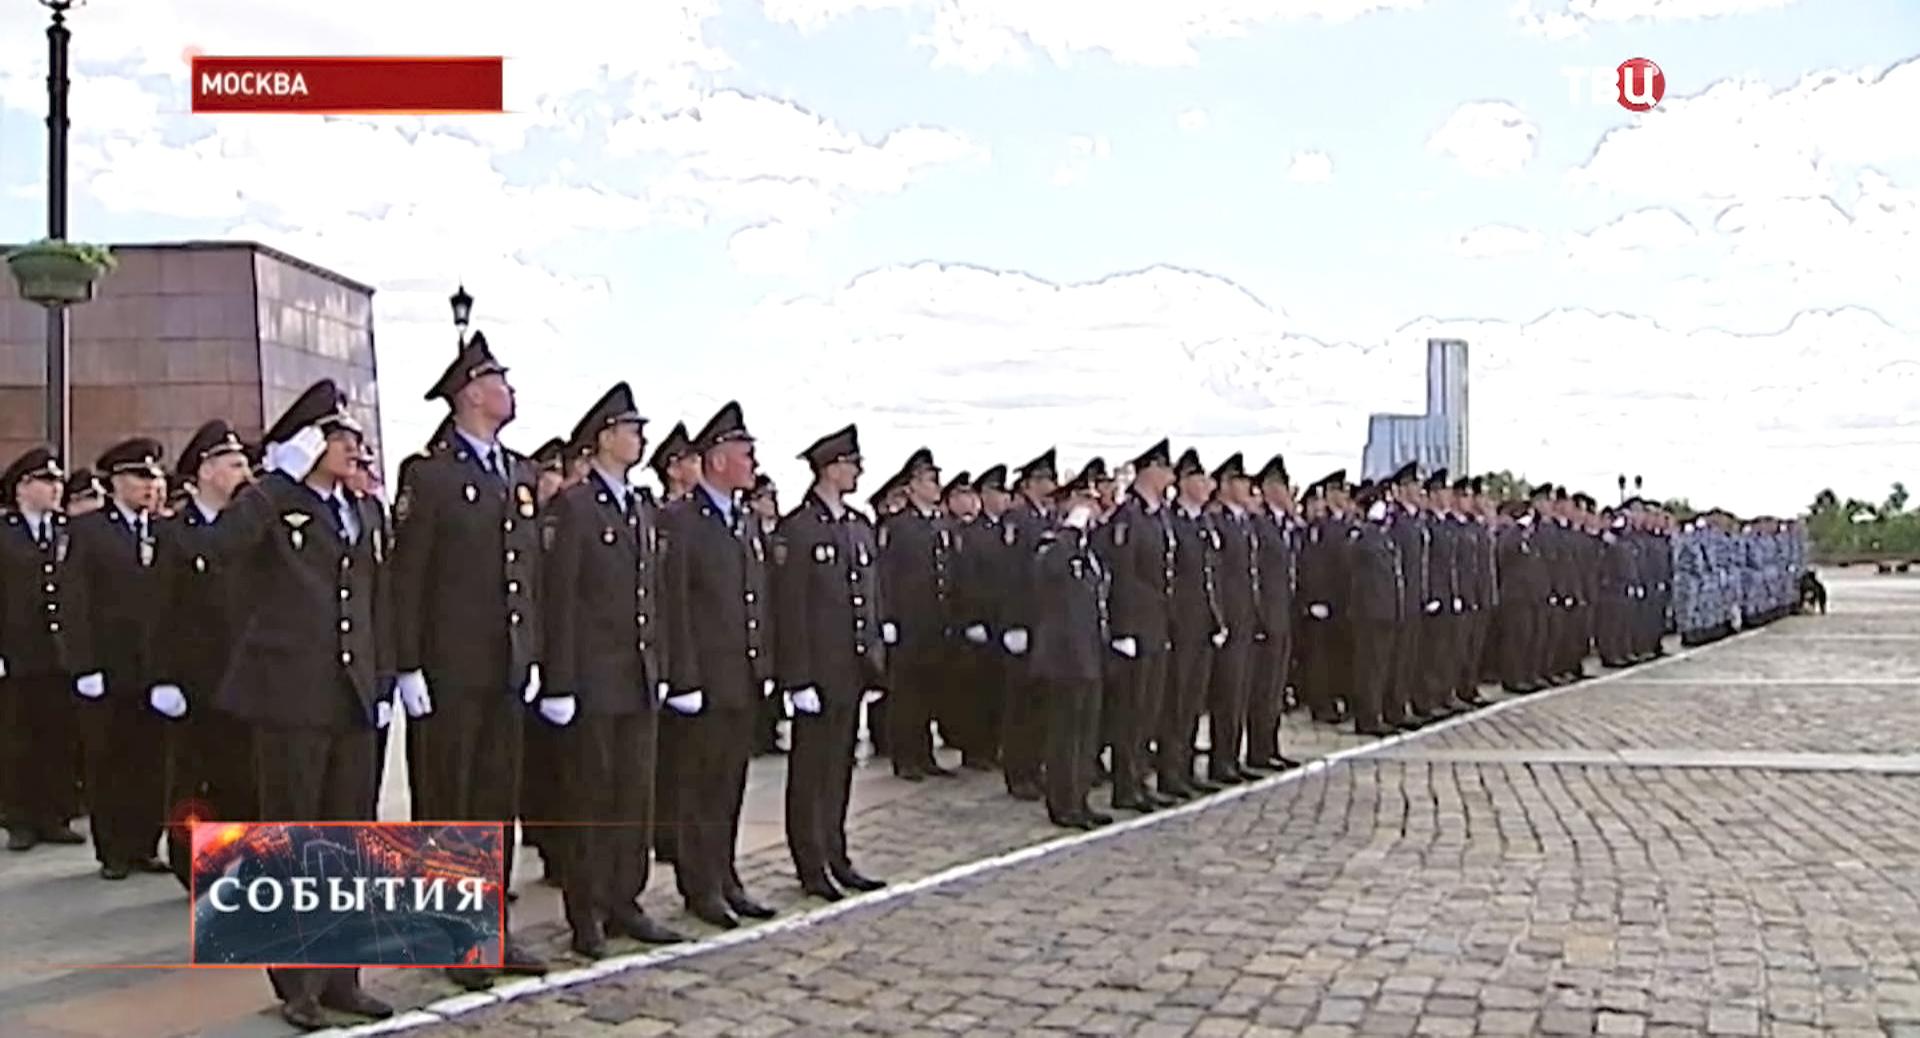 Торжественная церемония нового знамя московским полицейским